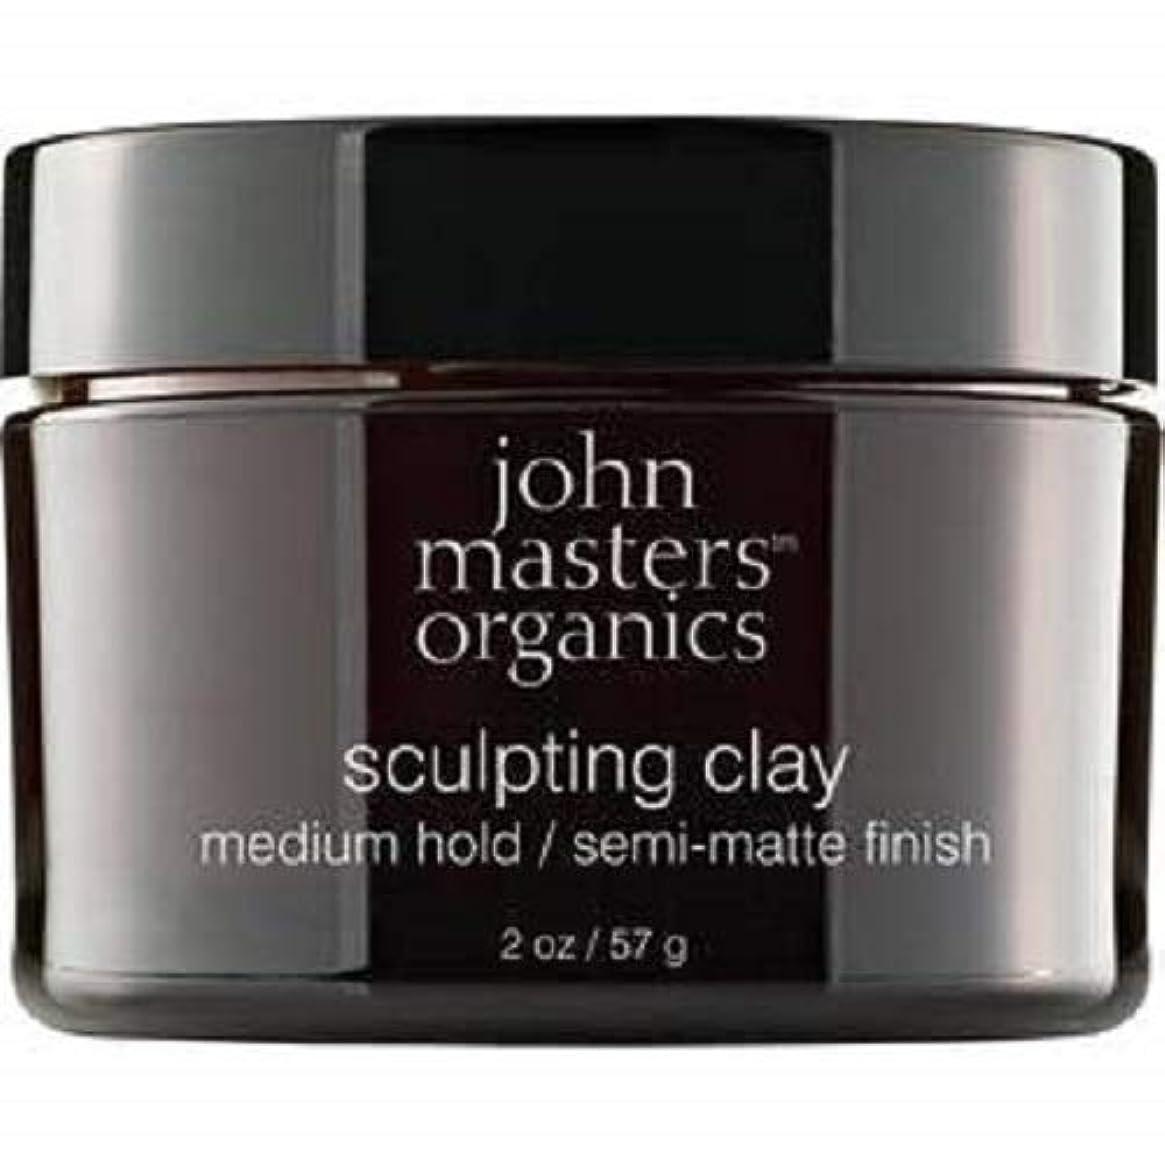 ねじれ範囲フォーラムJohn Masters Organics Sculpting Clay medium hold / semi-matt finish 2 OZ,57 g